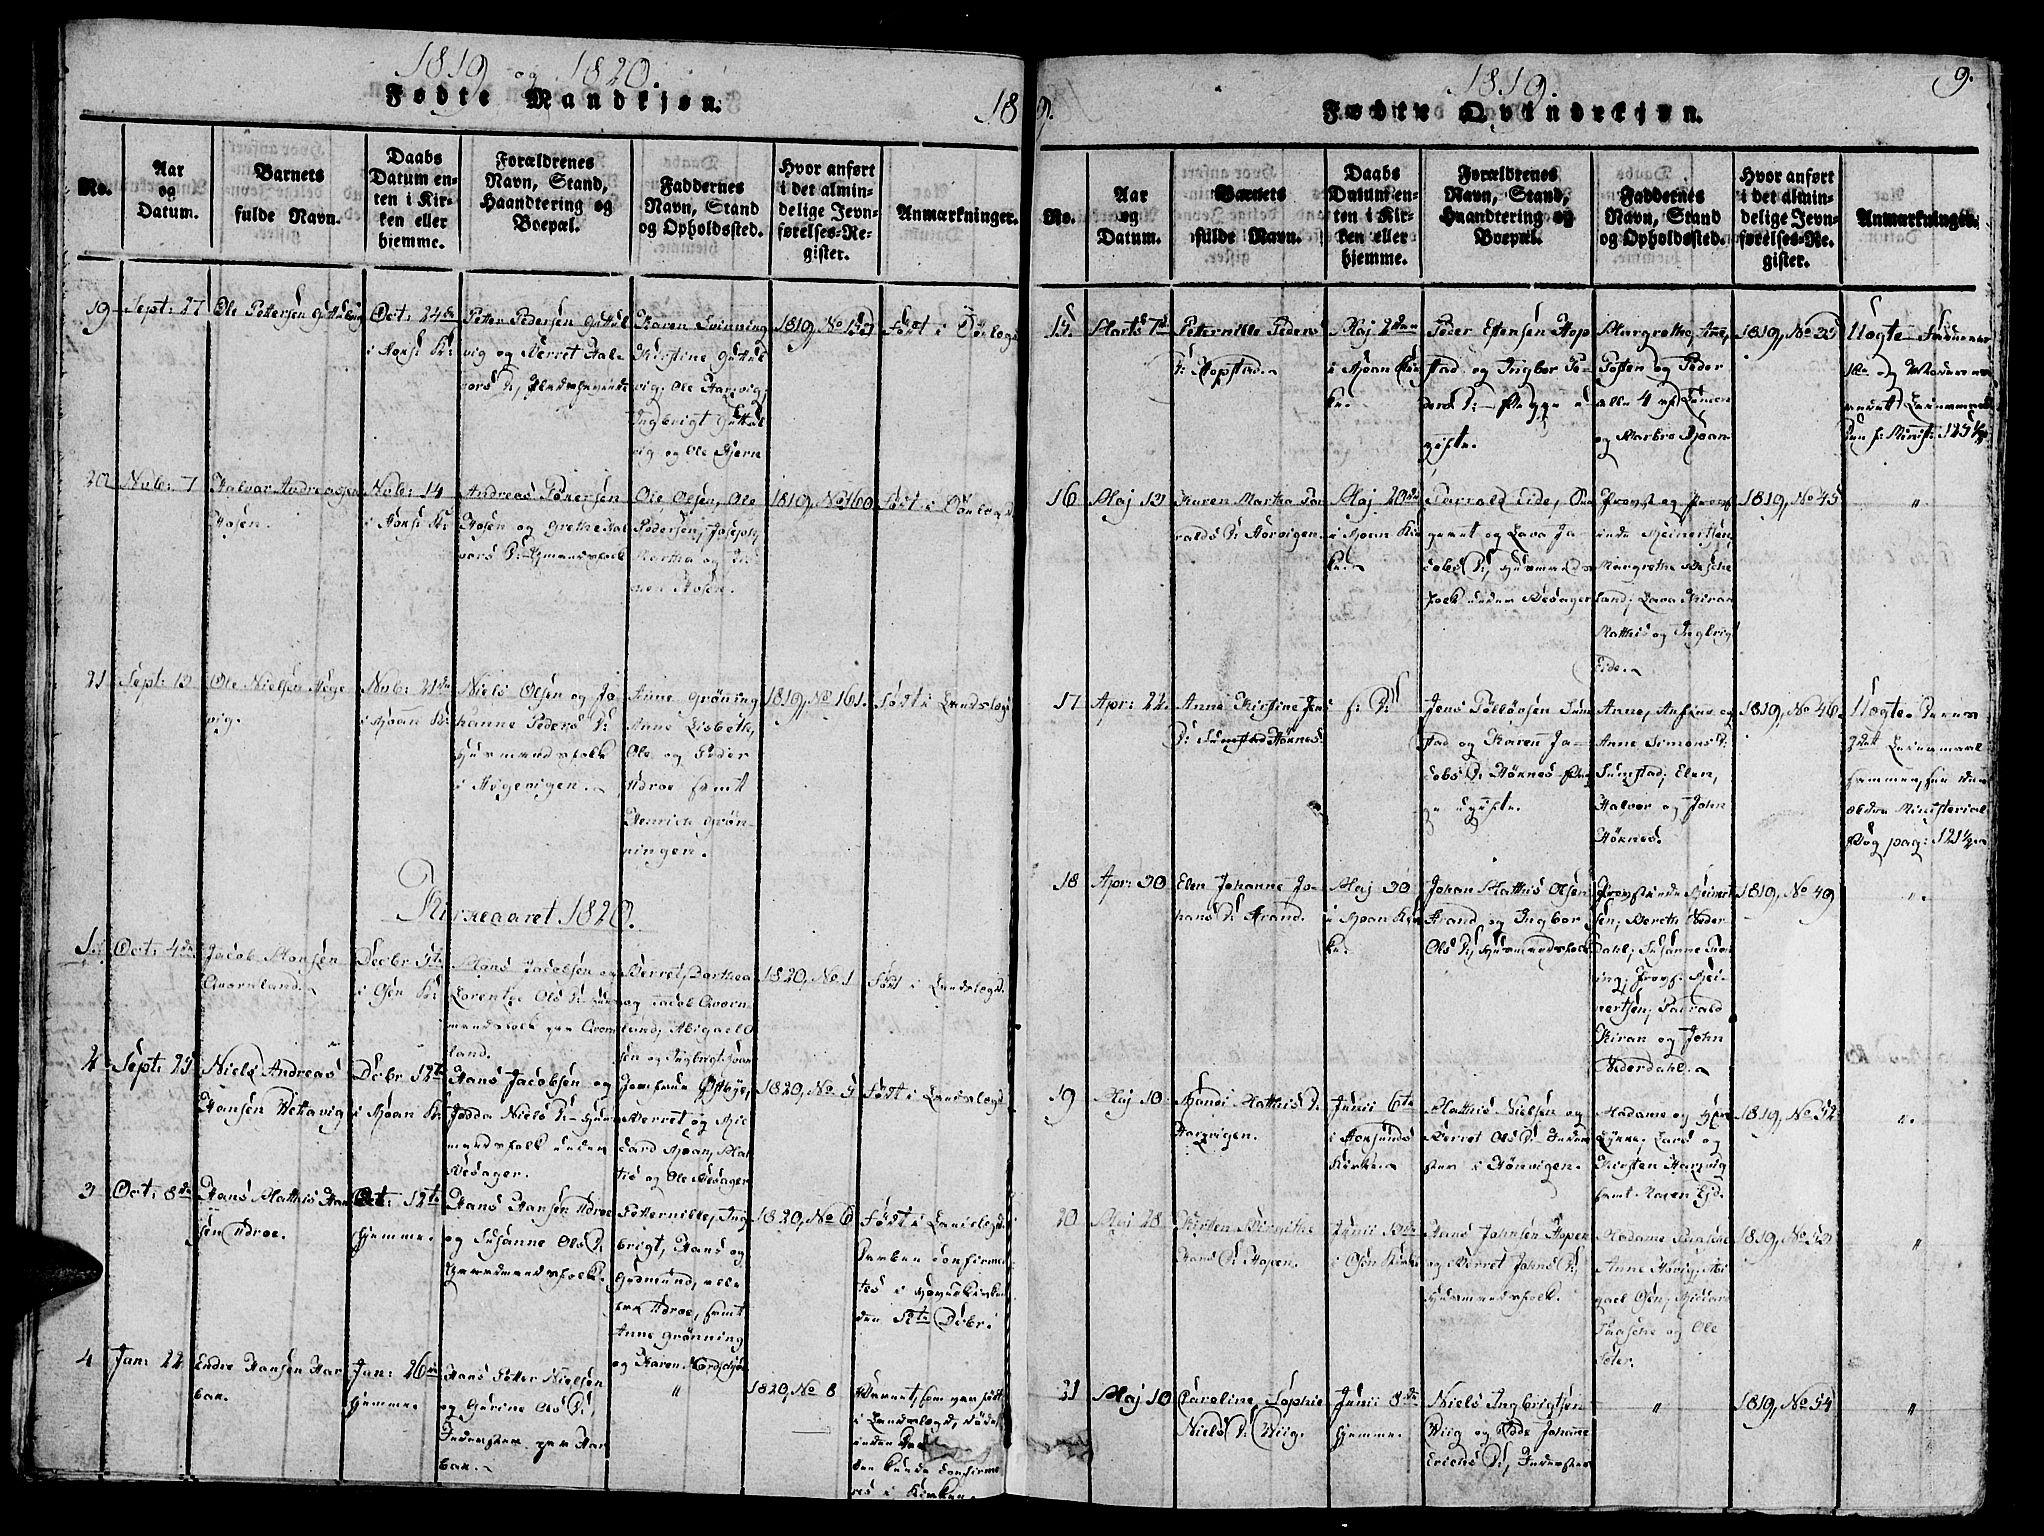 SAT, Ministerialprotokoller, klokkerbøker og fødselsregistre - Sør-Trøndelag, 657/L0702: Ministerialbok nr. 657A03, 1818-1831, s. 9